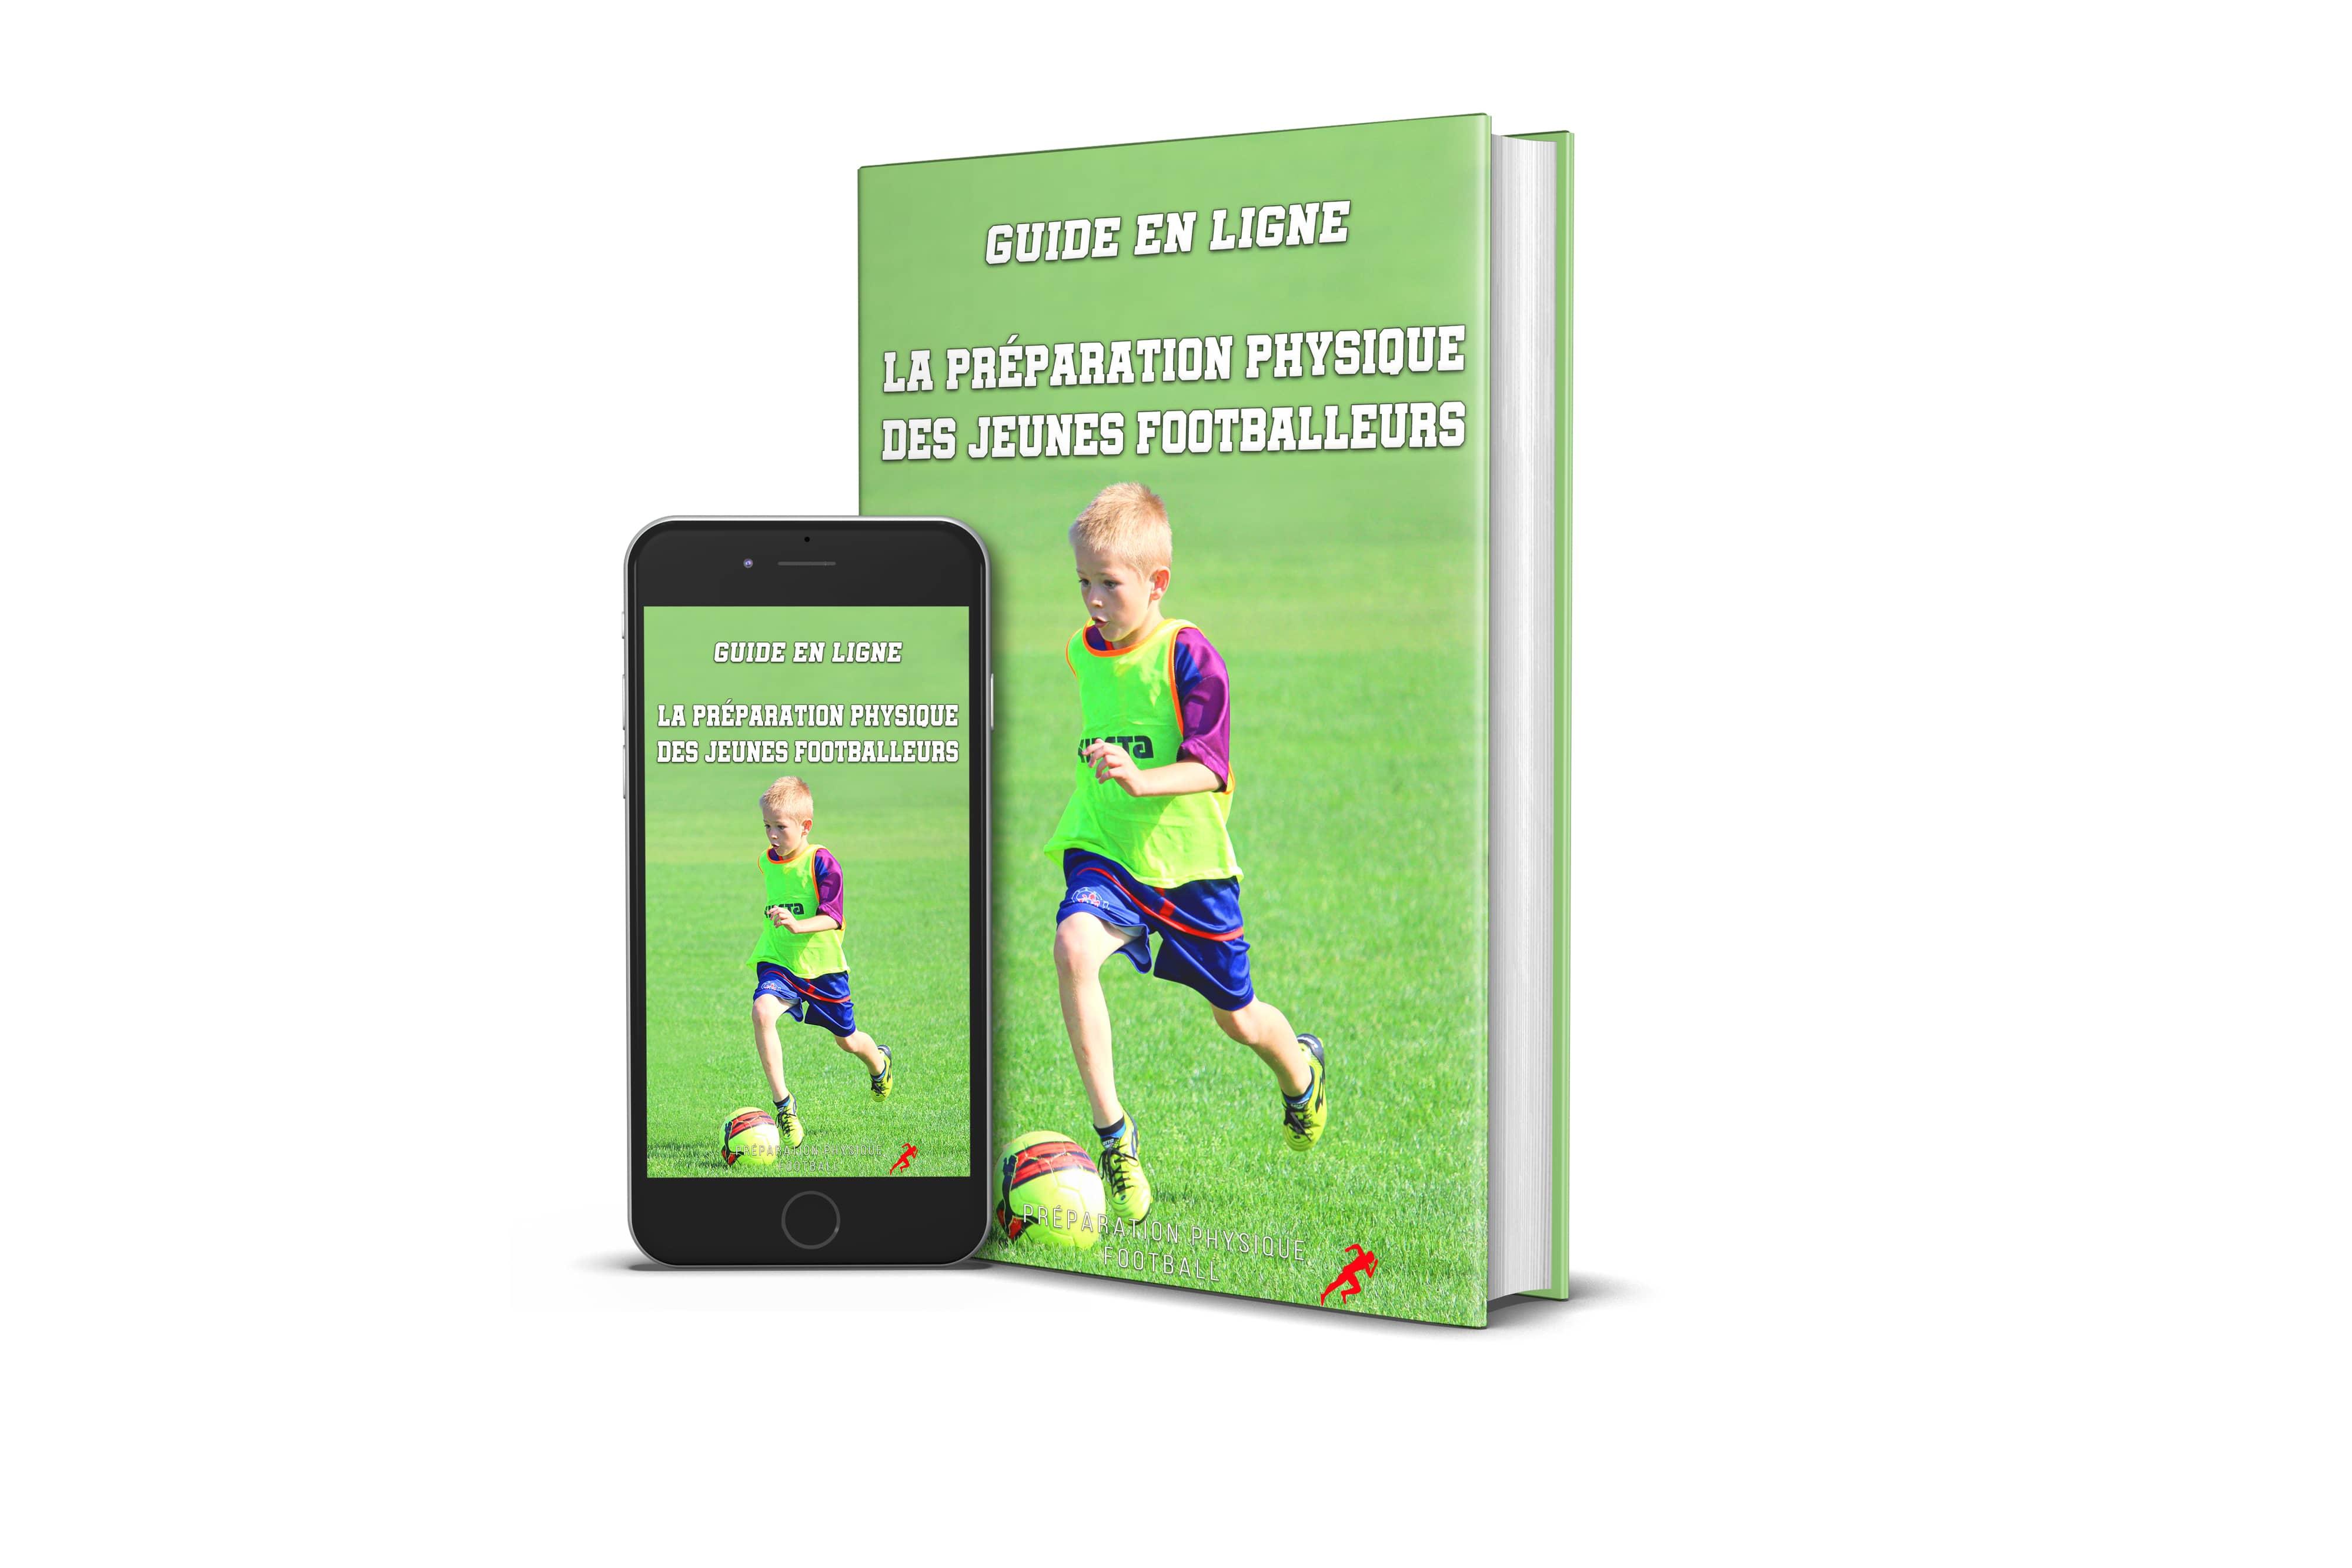 https://www.preparationphysiquefootball.com/preparation-physique-des-jeunes-footballeurs.php